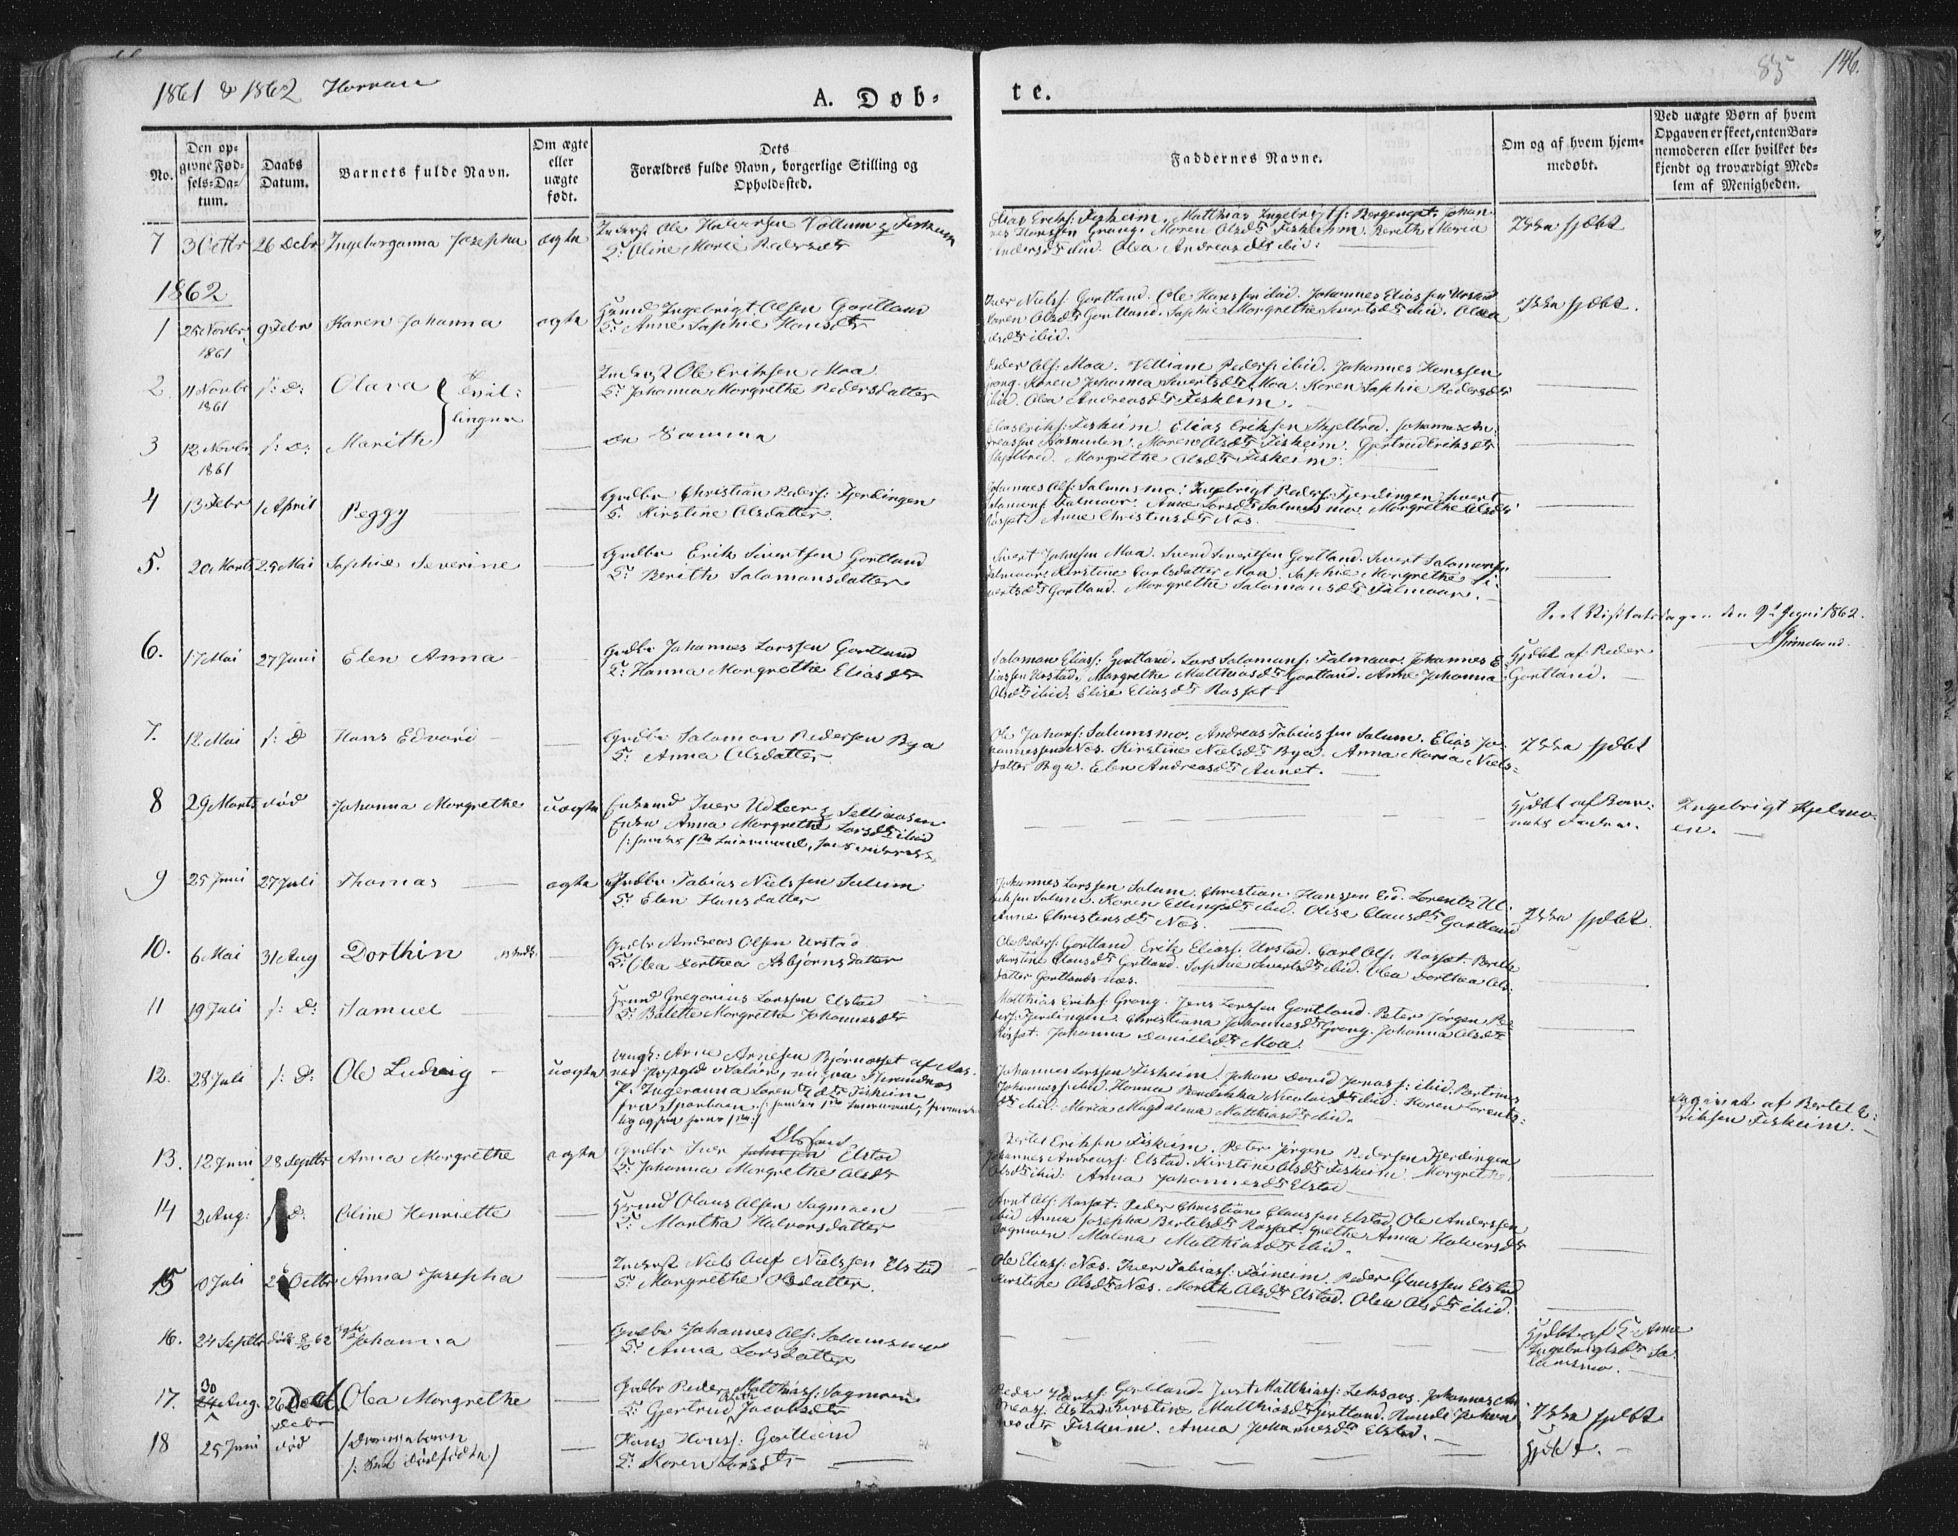 SAT, Ministerialprotokoller, klokkerbøker og fødselsregistre - Nord-Trøndelag, 758/L0513: Ministerialbok nr. 758A02 /3, 1839-1868, s. 85